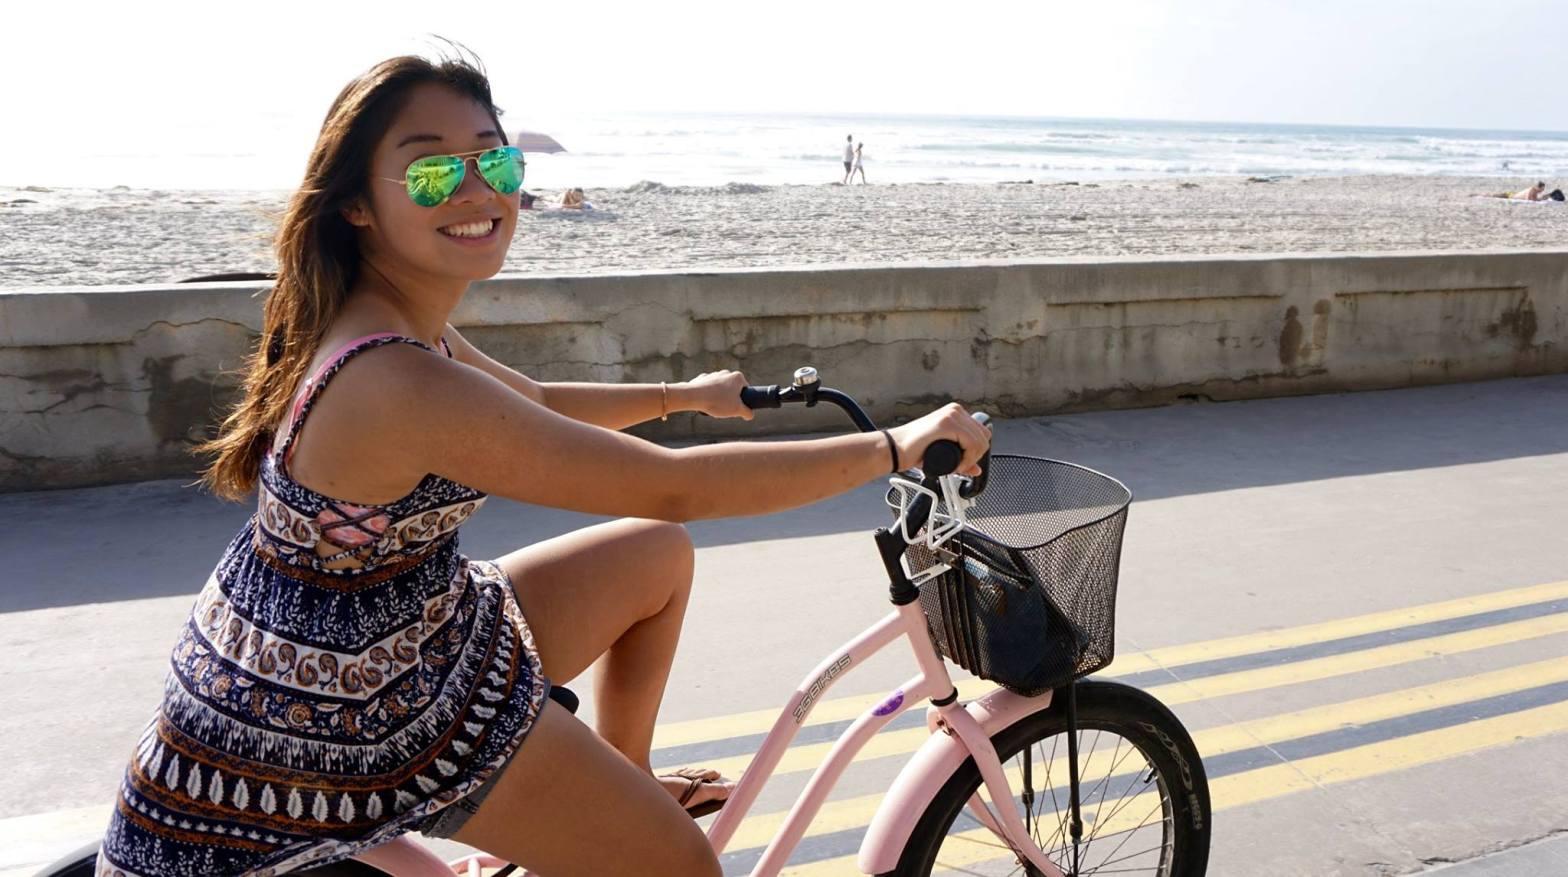 Biking in San diego